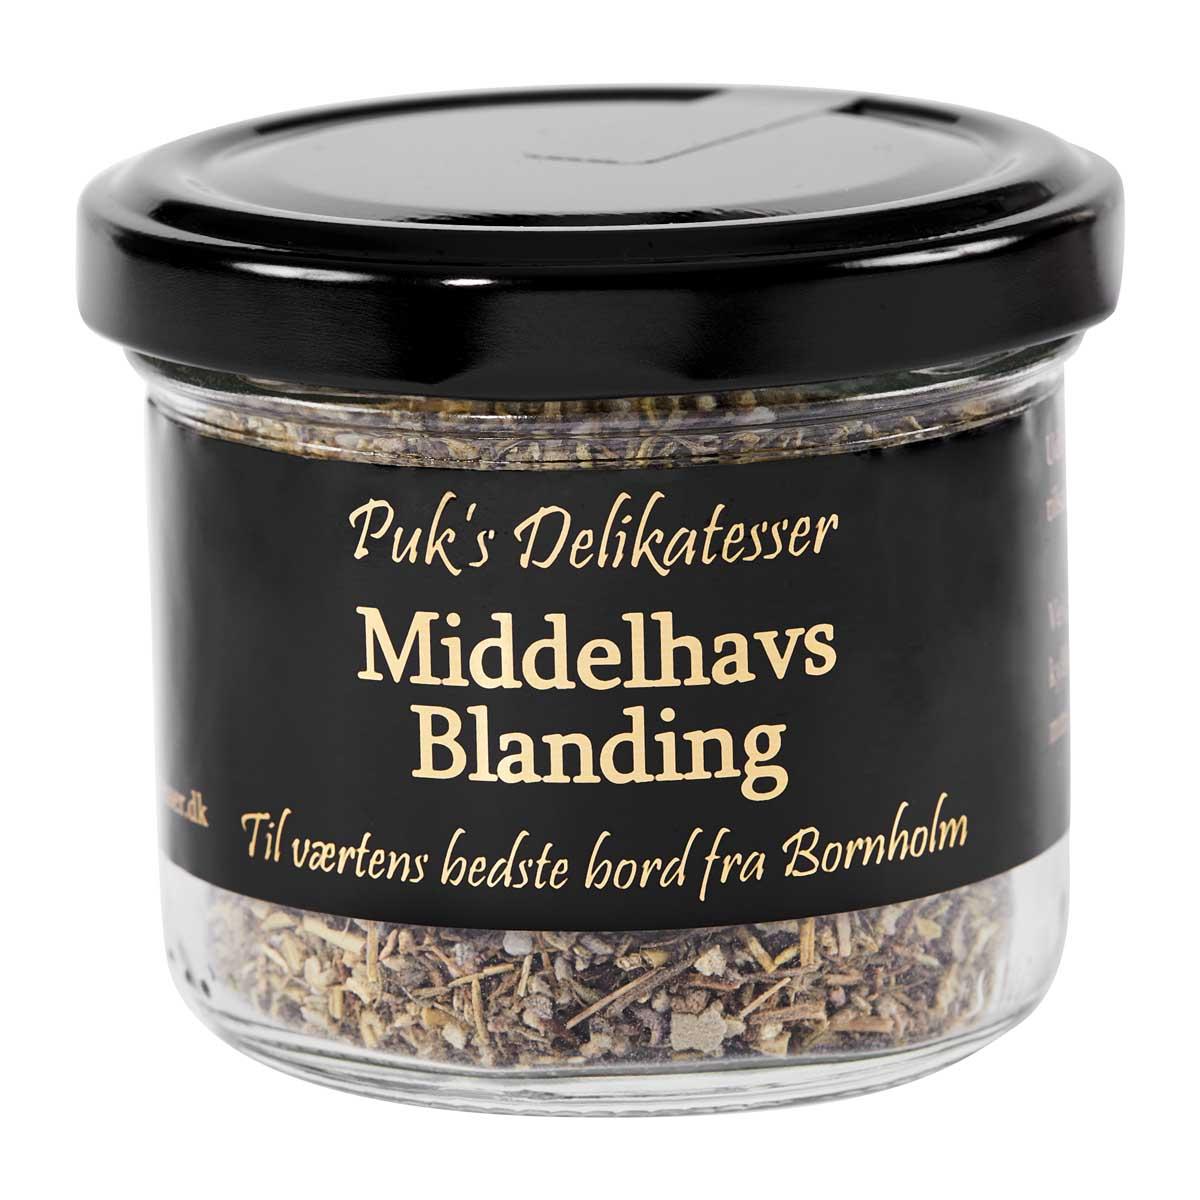 Middelhavs Blanding